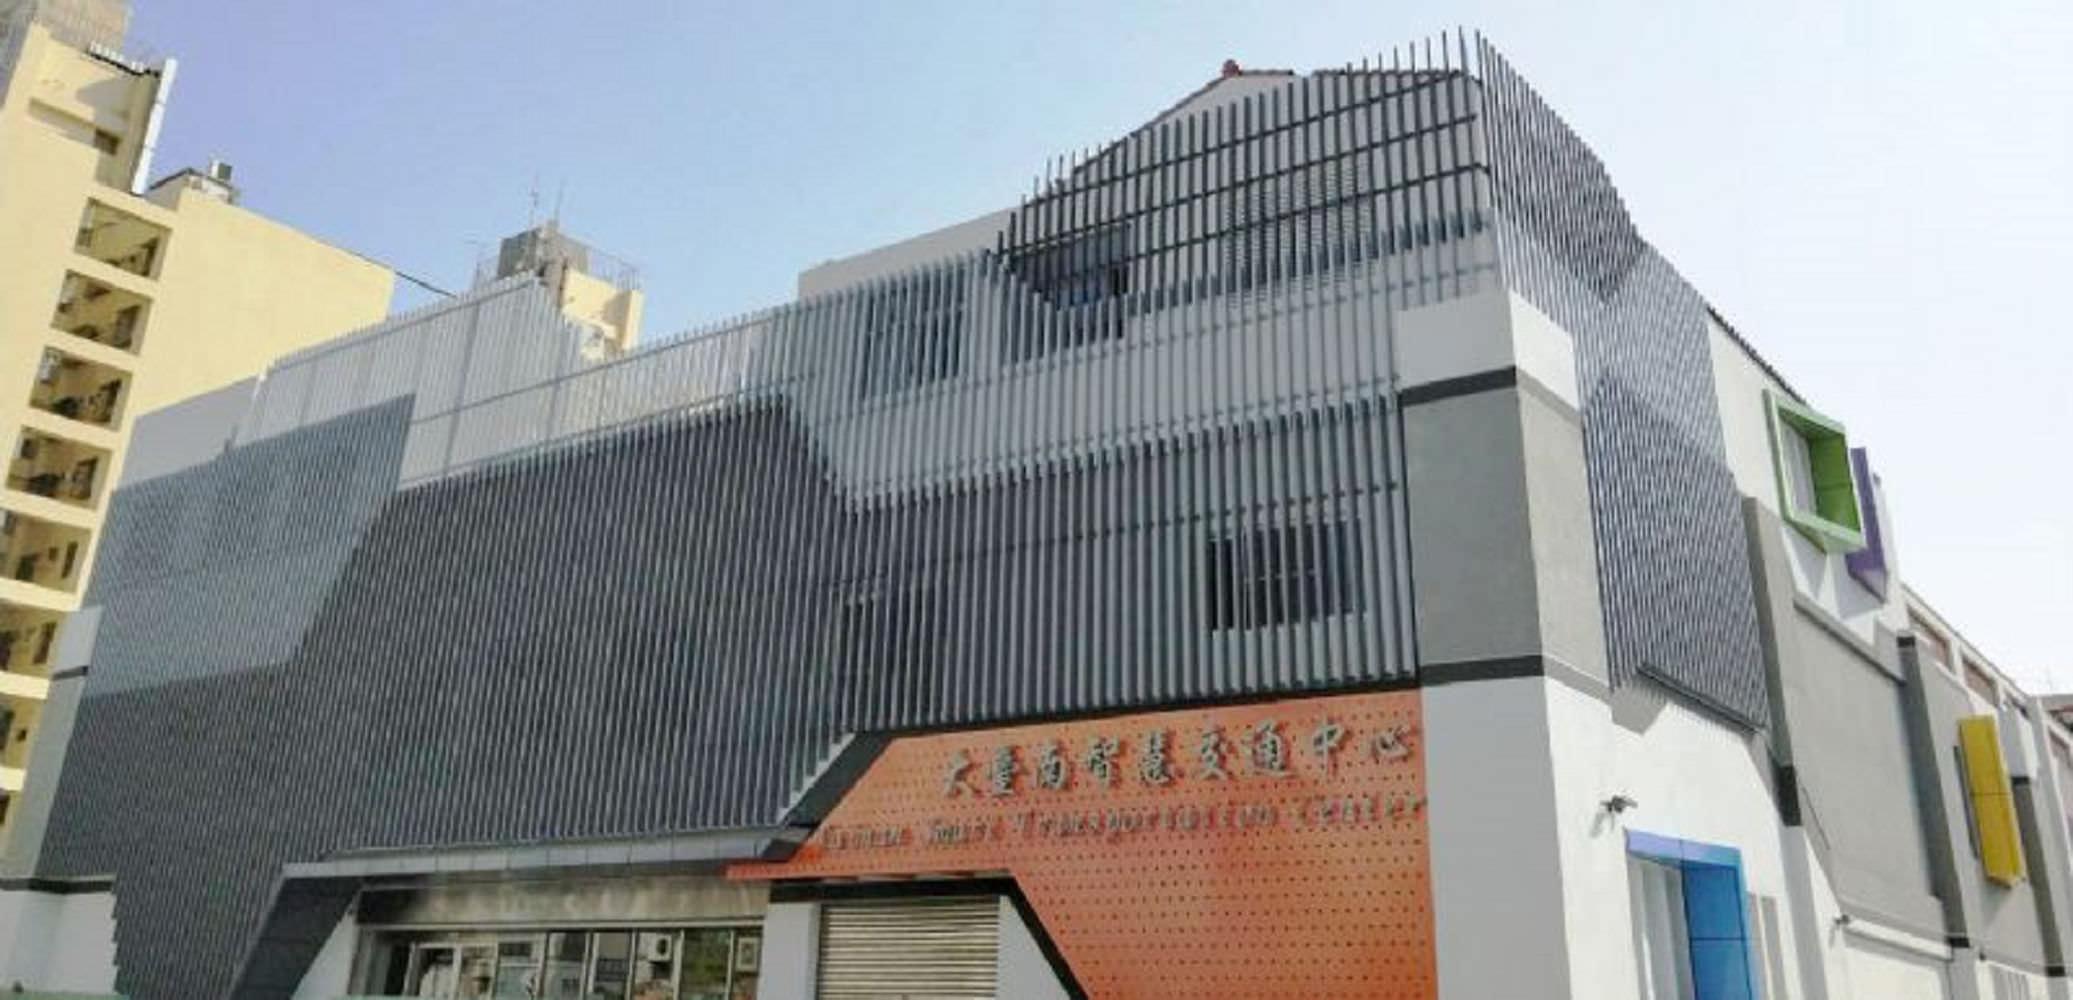 台南景點︱台南親子活動:大臺南交通教育主題館設有兒童駕駛體驗區,內附預約流程步驟